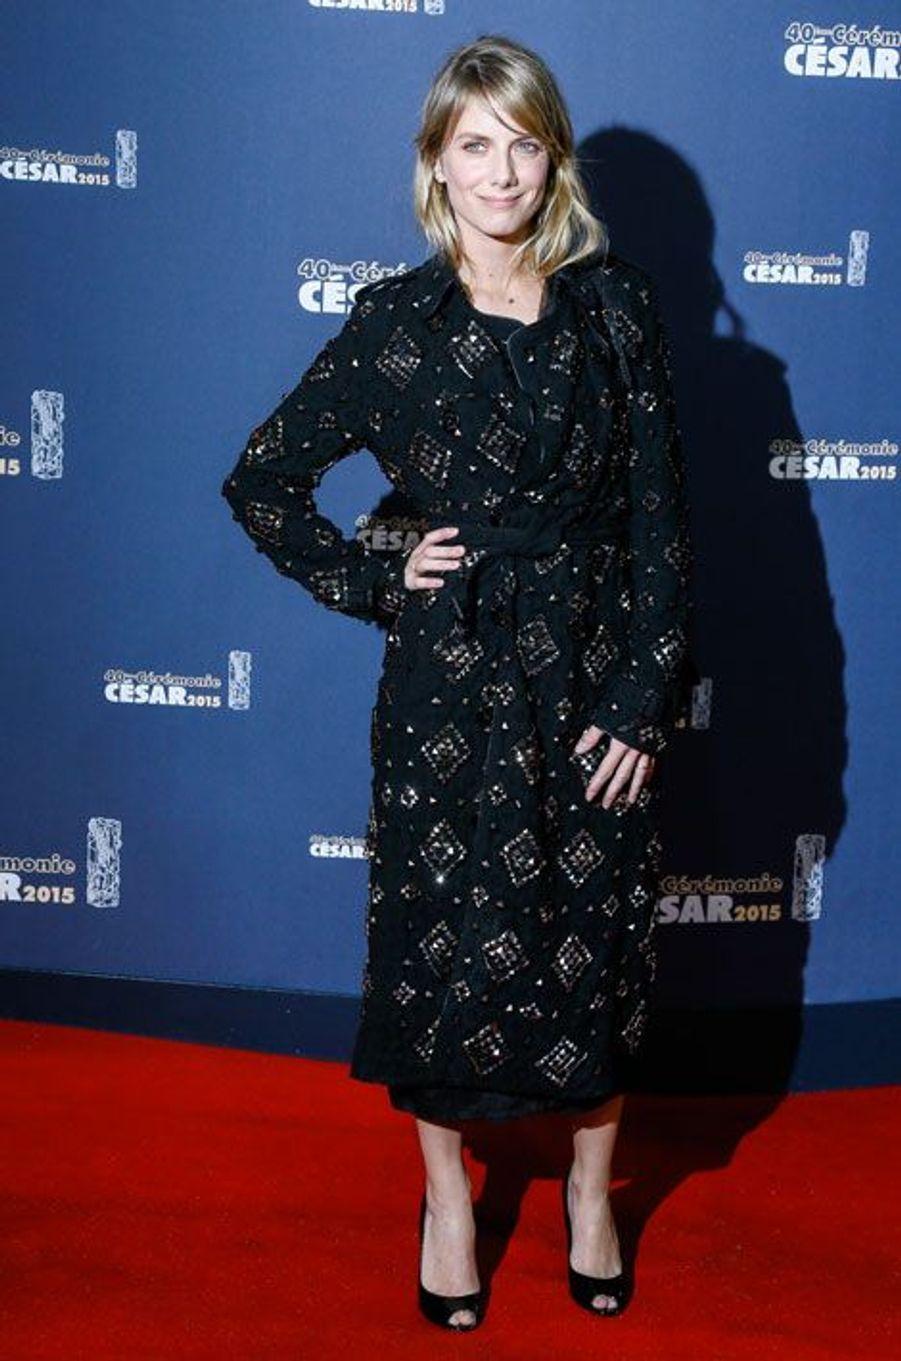 Mélanie Laurent lors de la cérémonie des César à Paris, le 20 février 2015